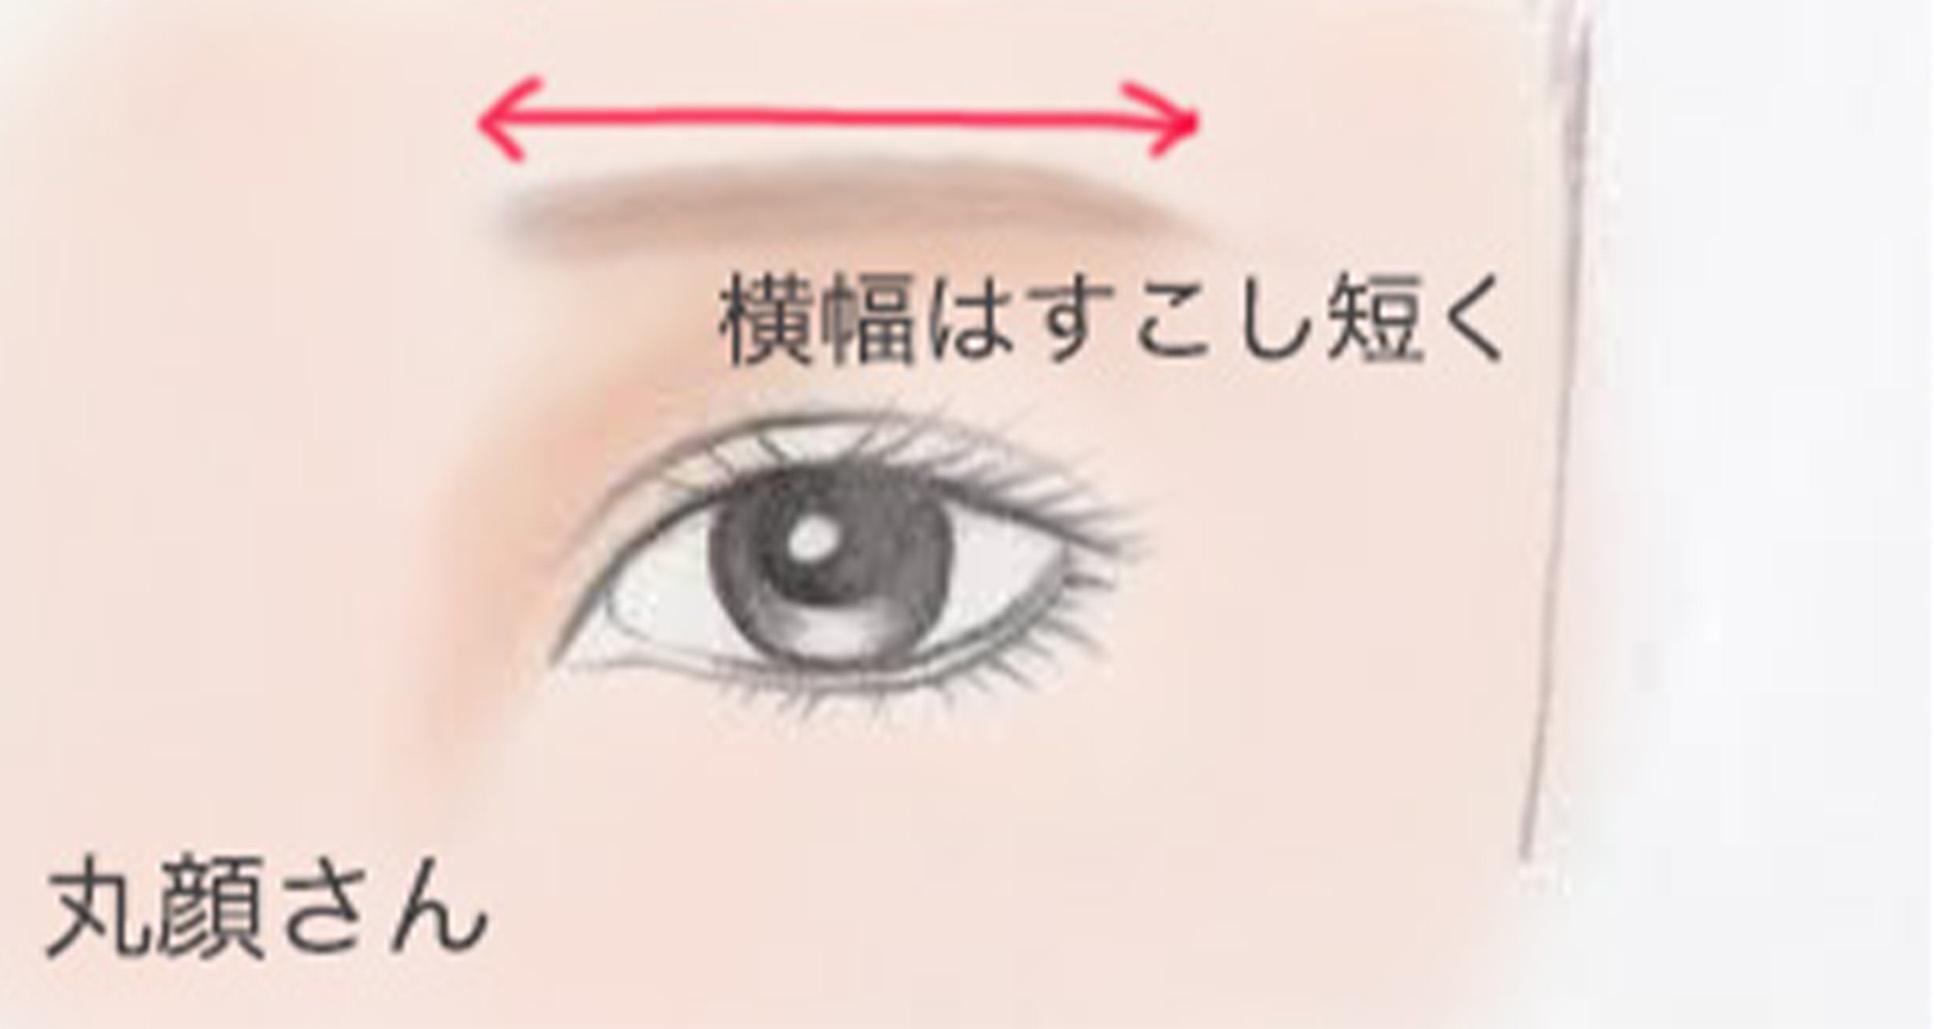 平行眉の書くポイント 平行眉の書き方を説明する図 左右対称に眉毛を書く方法